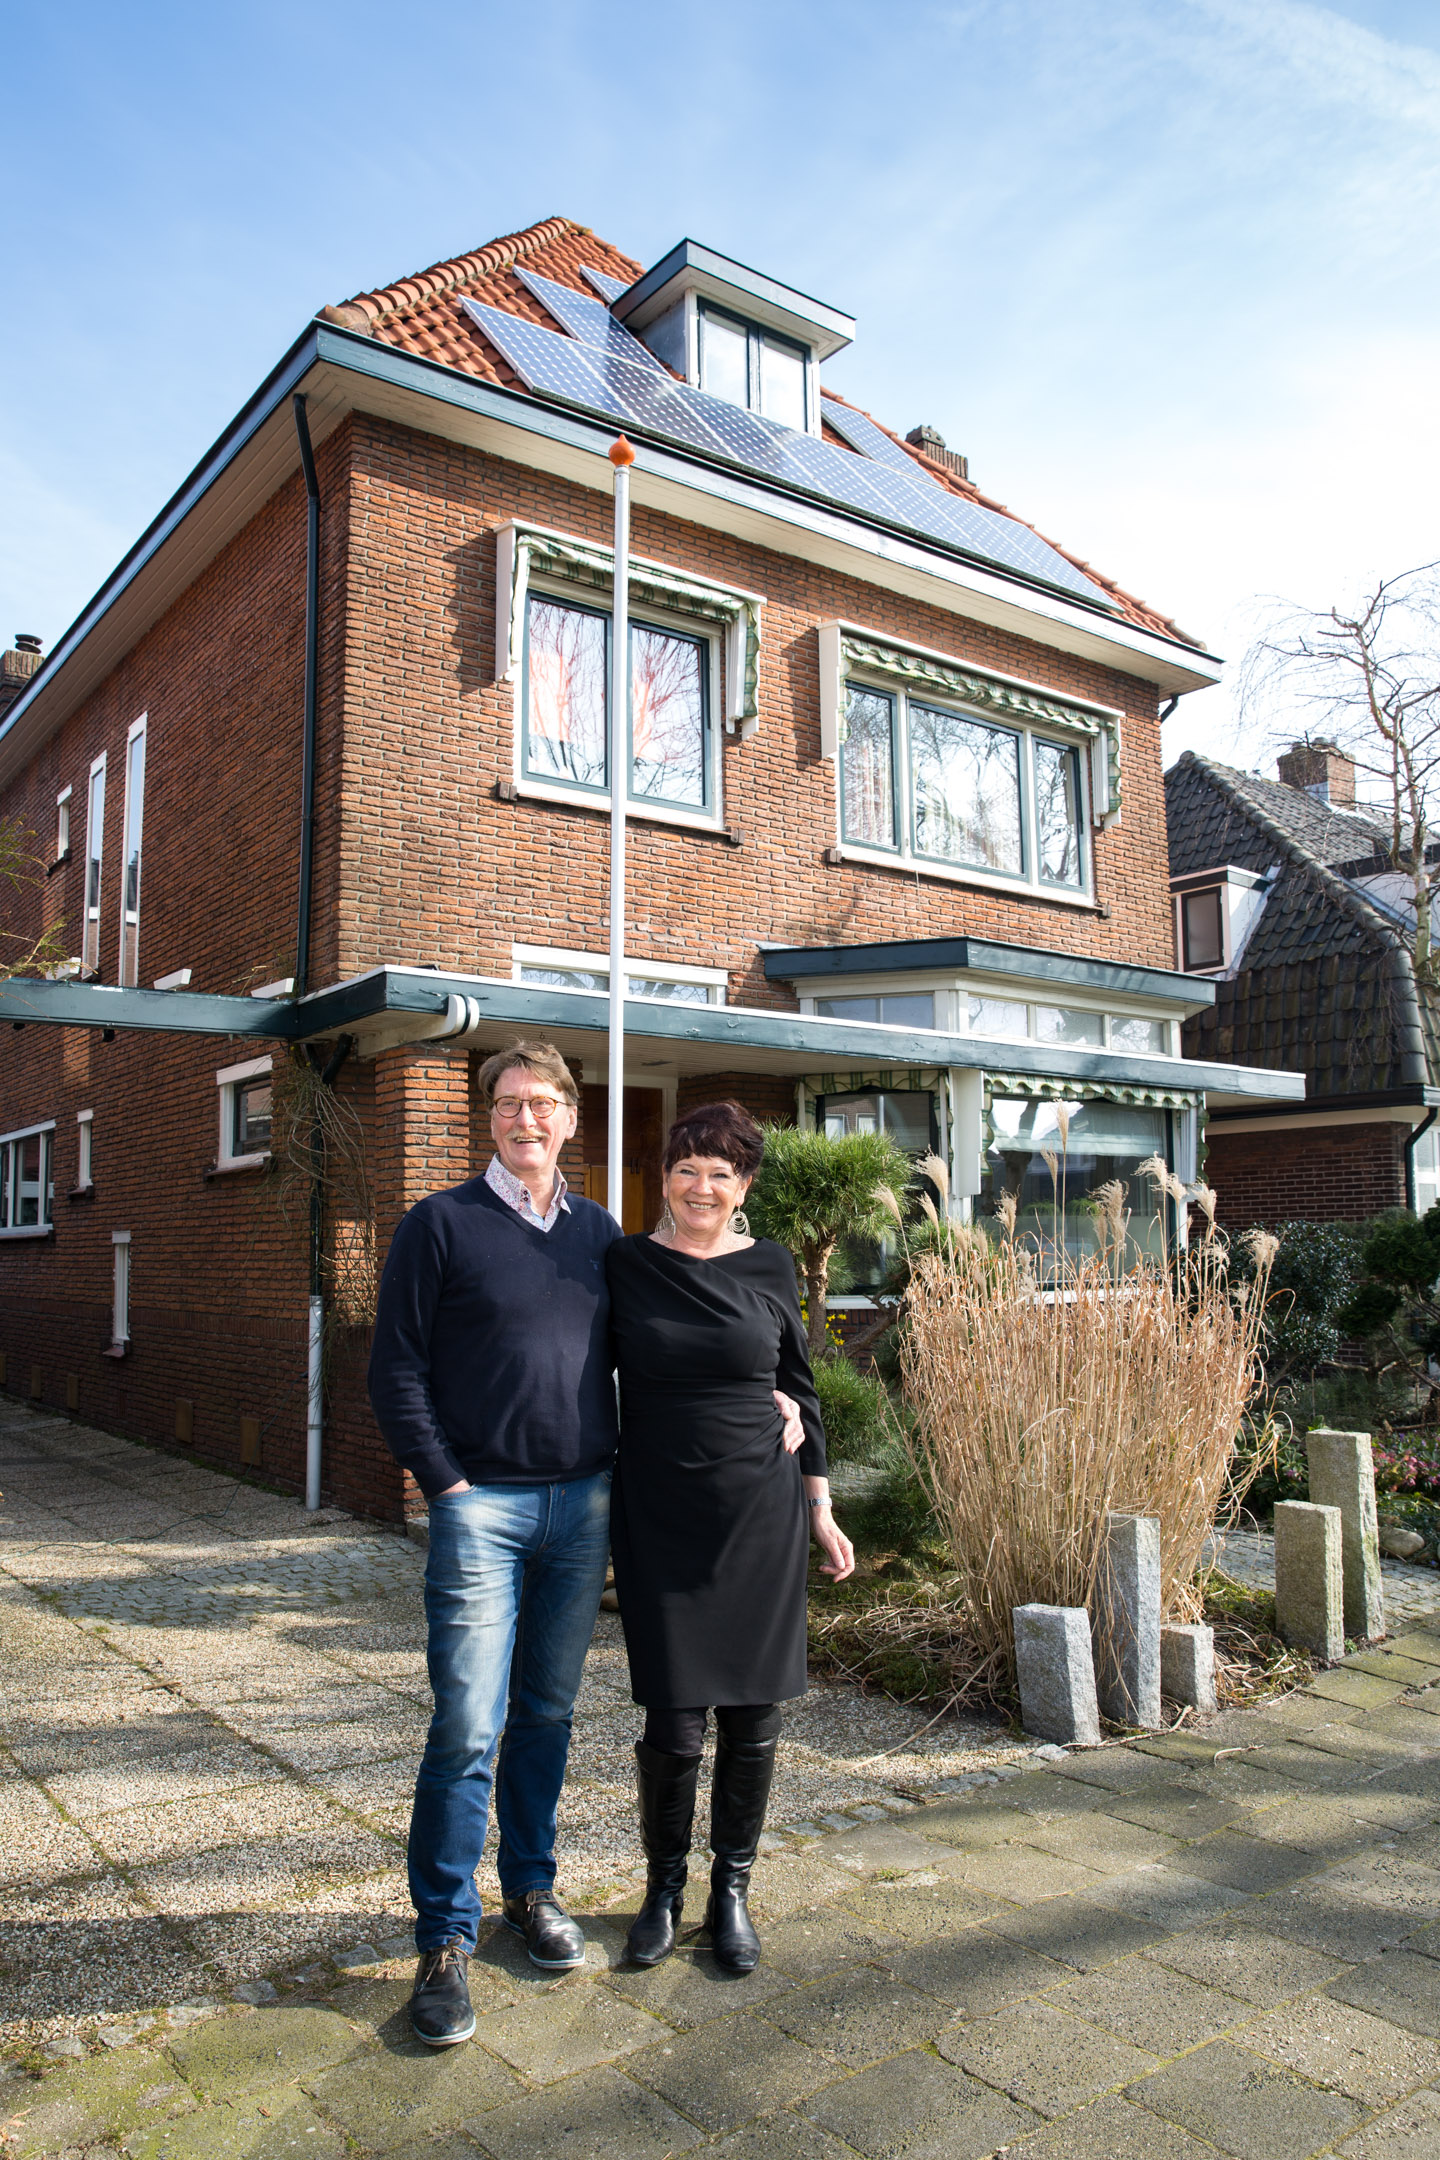 Energieneutraal-huis-woonwijk-wonen-thuisbaas-credit-Chantal-Bekker-GraphicAlert-40-zonnepanelen-dak